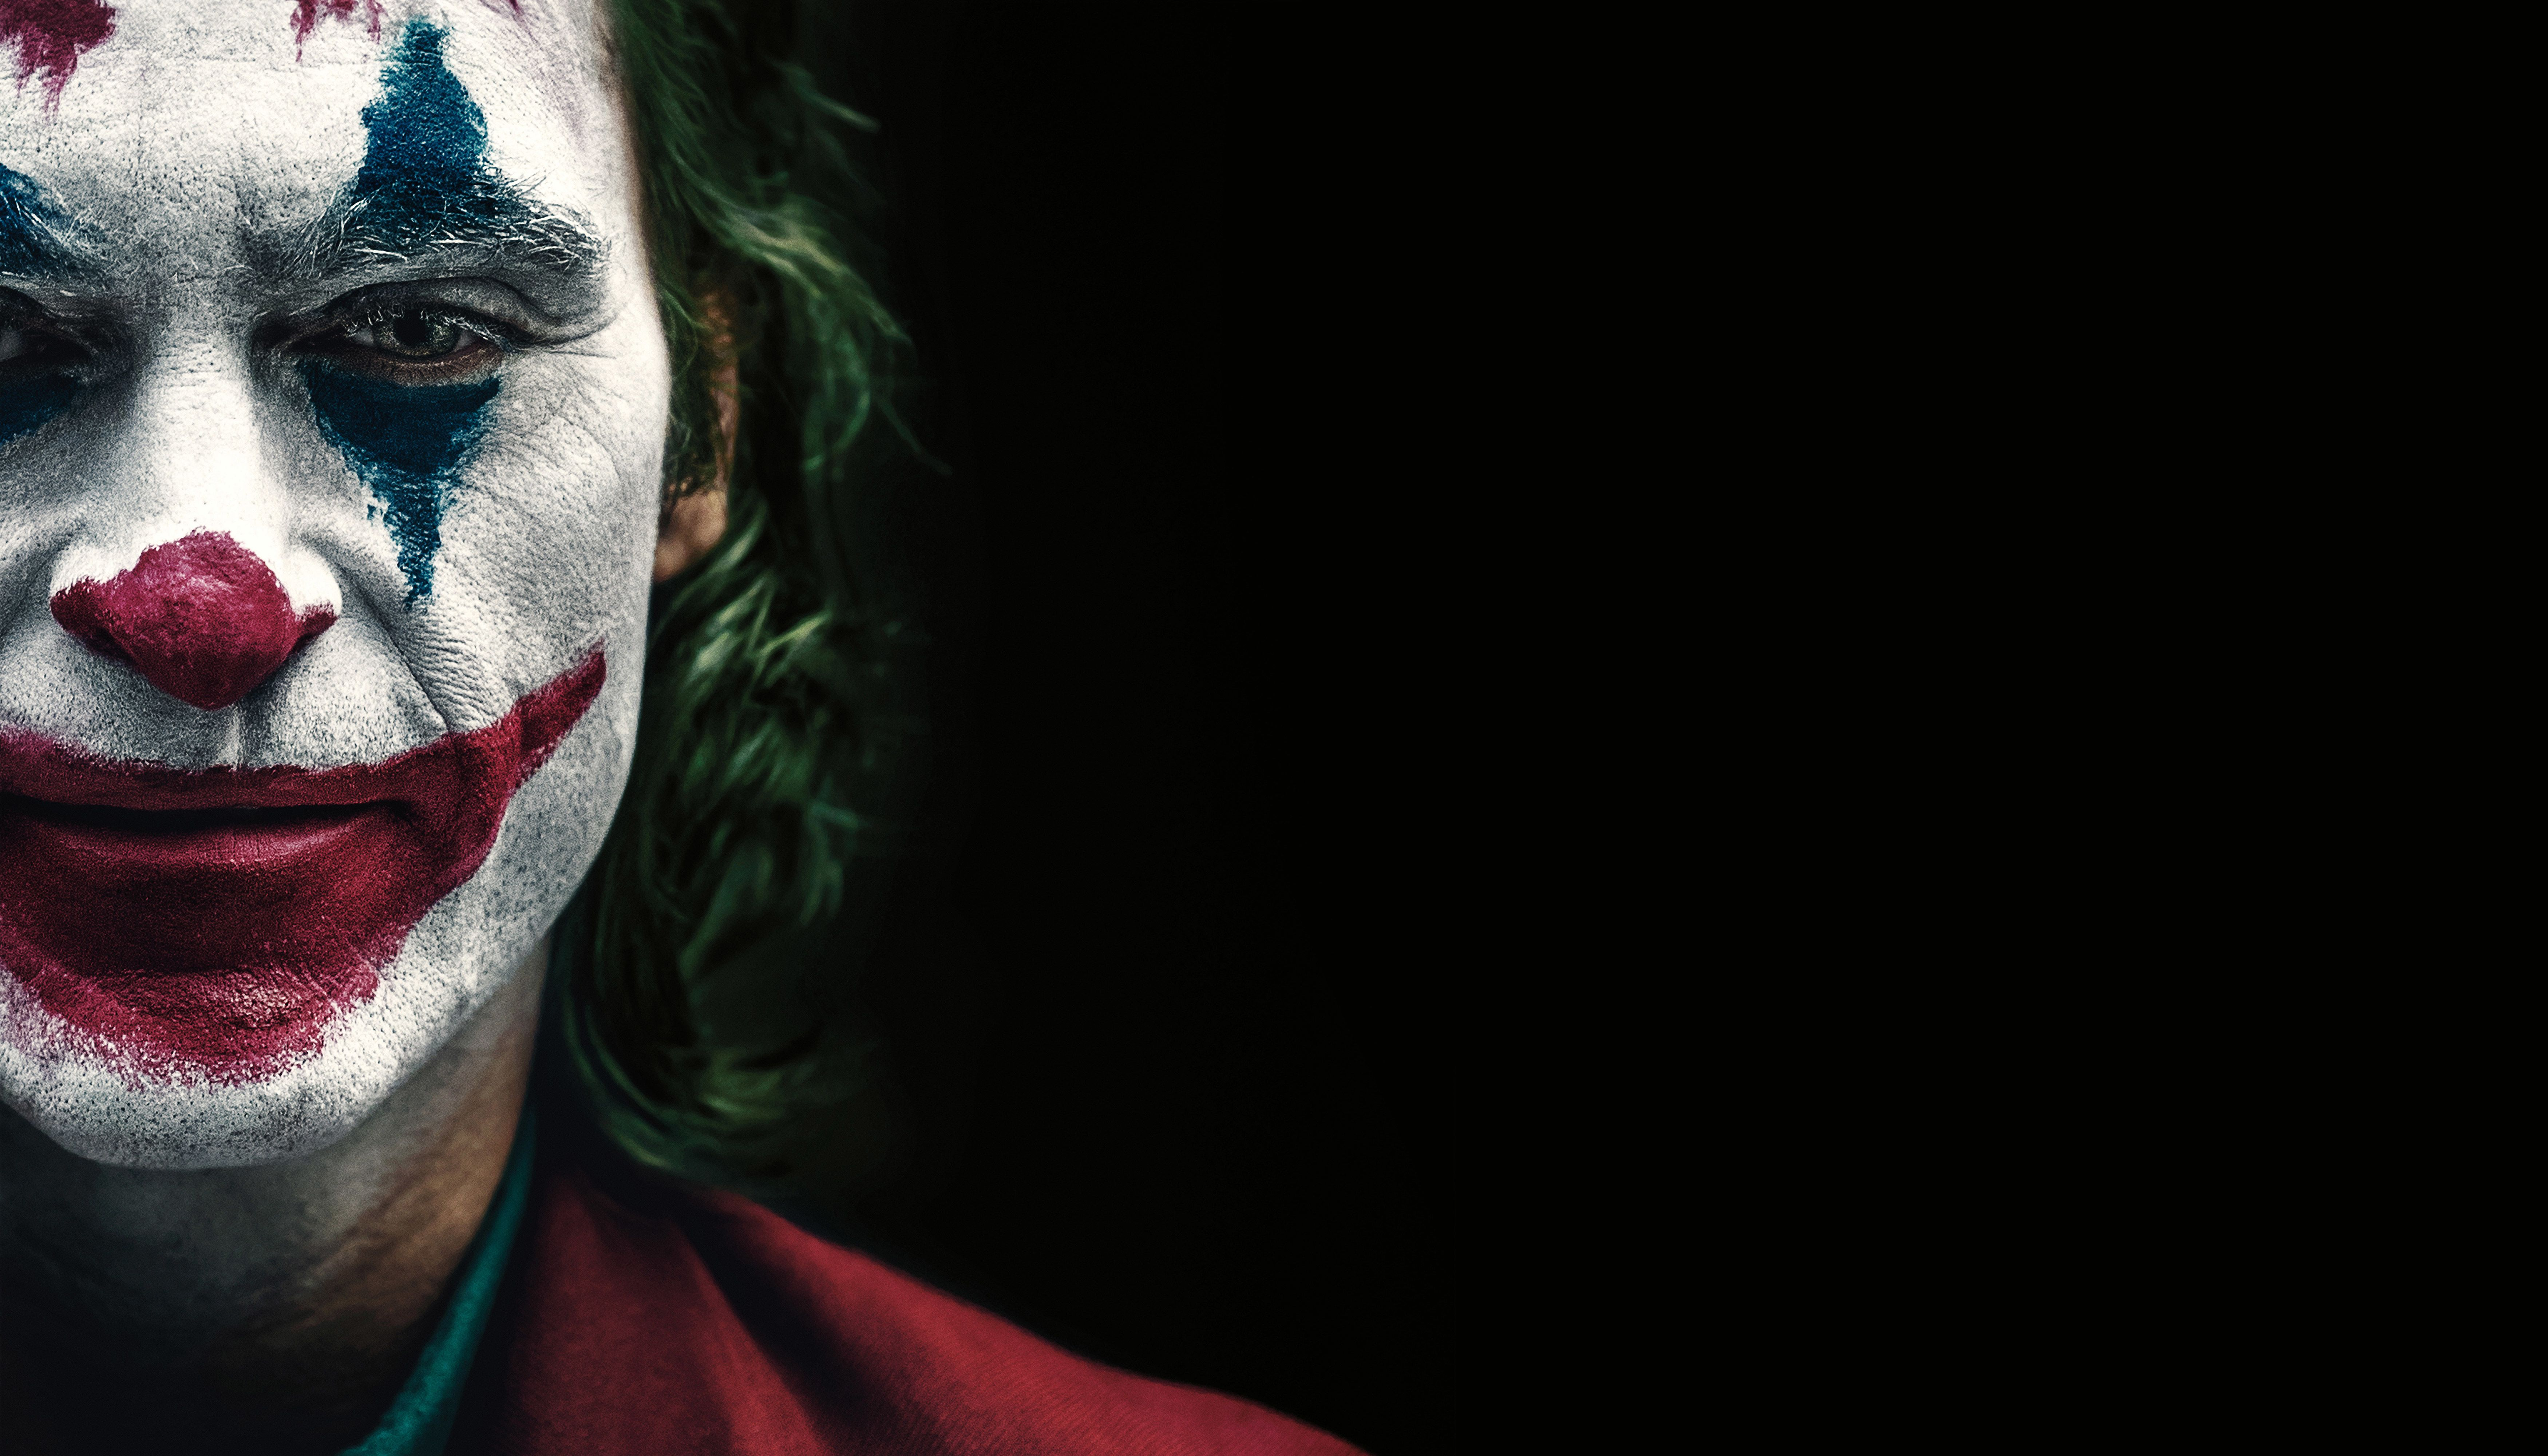 Joker Movie Wallpaper Mywallpapers Site In 2020 Joker Wallpapers Joker Hd Wallpaper Joker Iphone Wallpaper